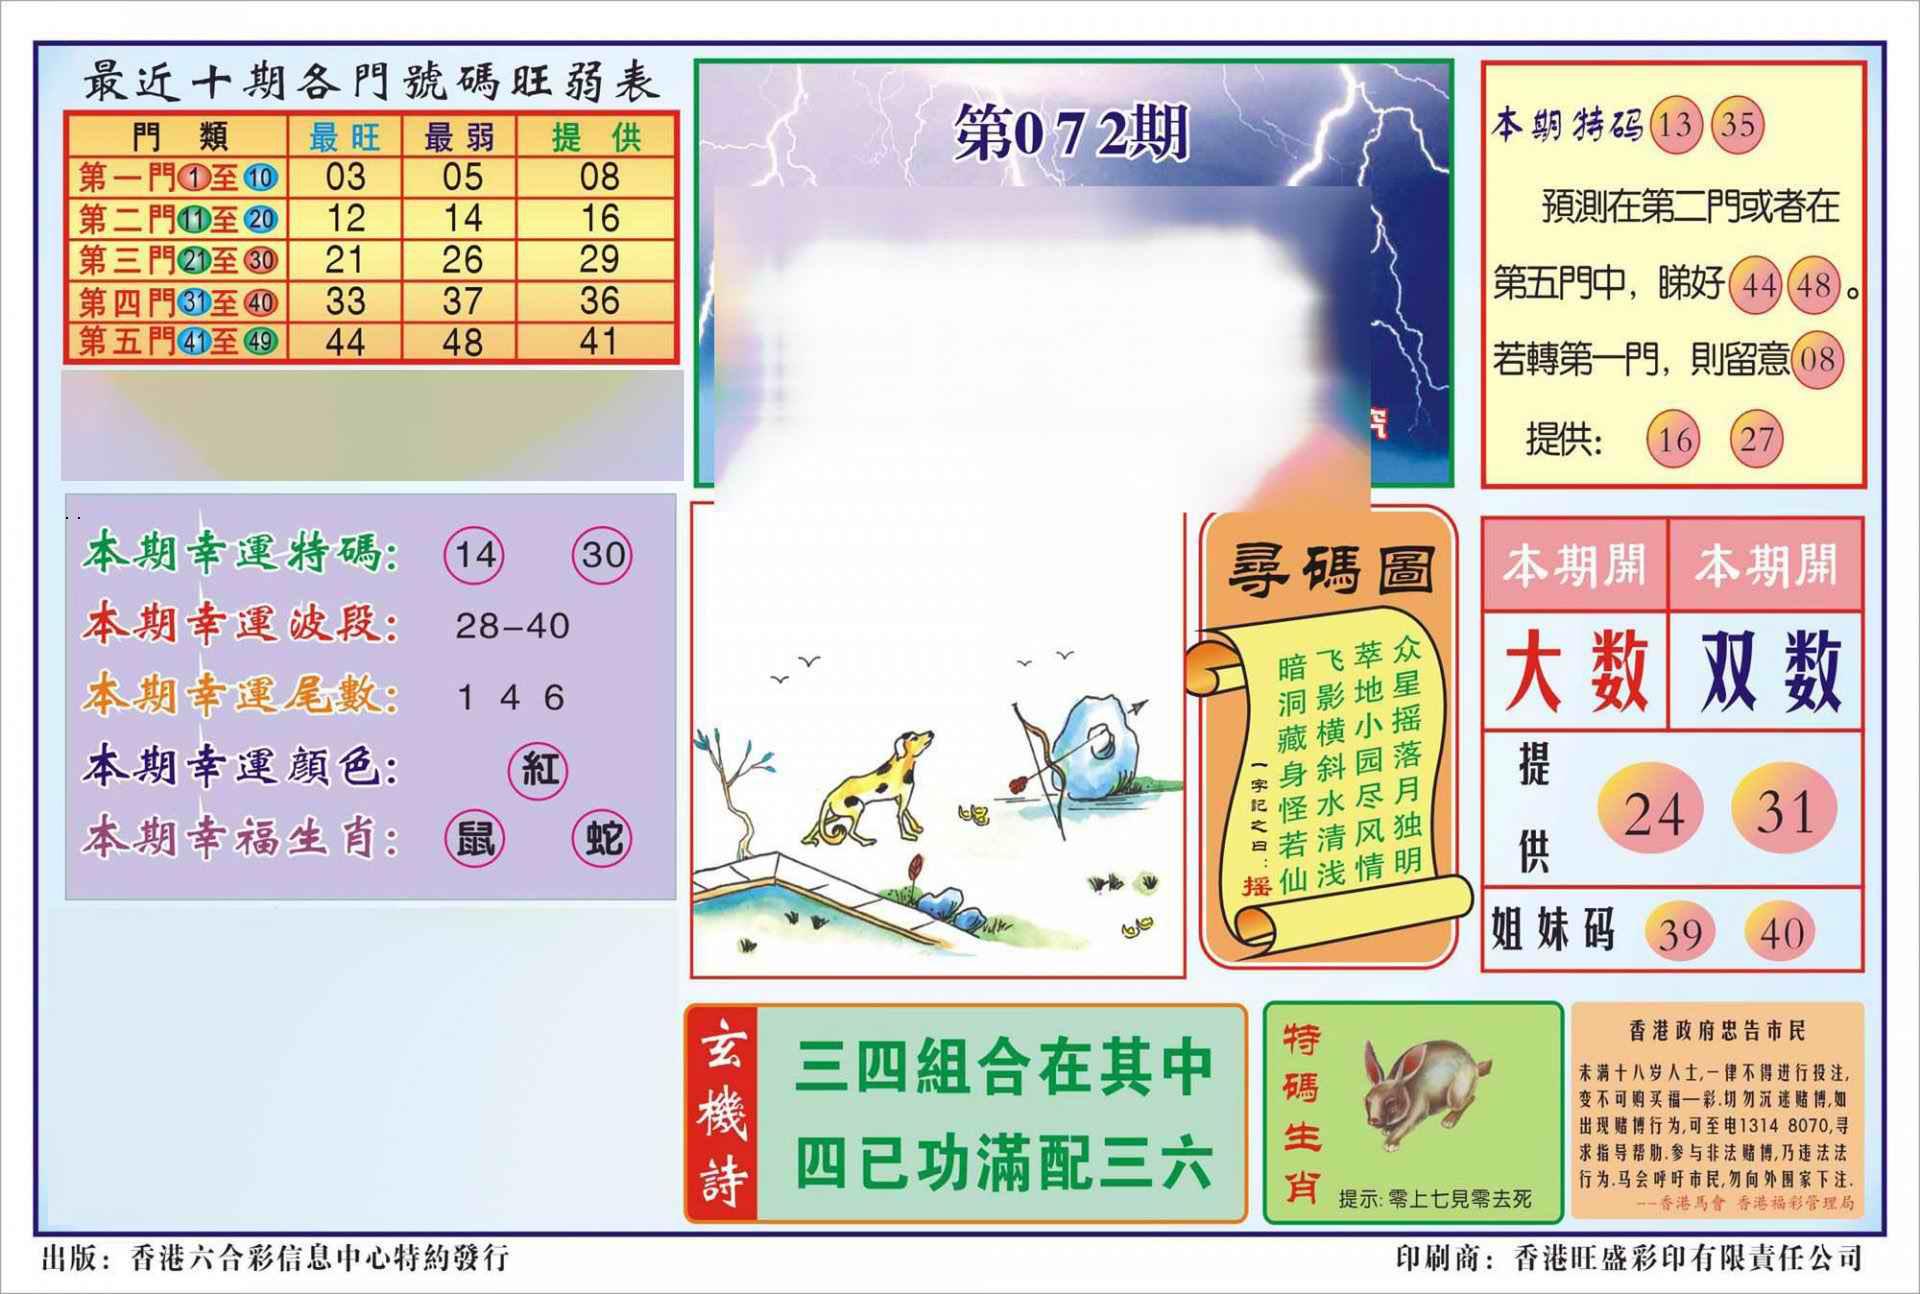 072期香港逢赌必羸(新图)